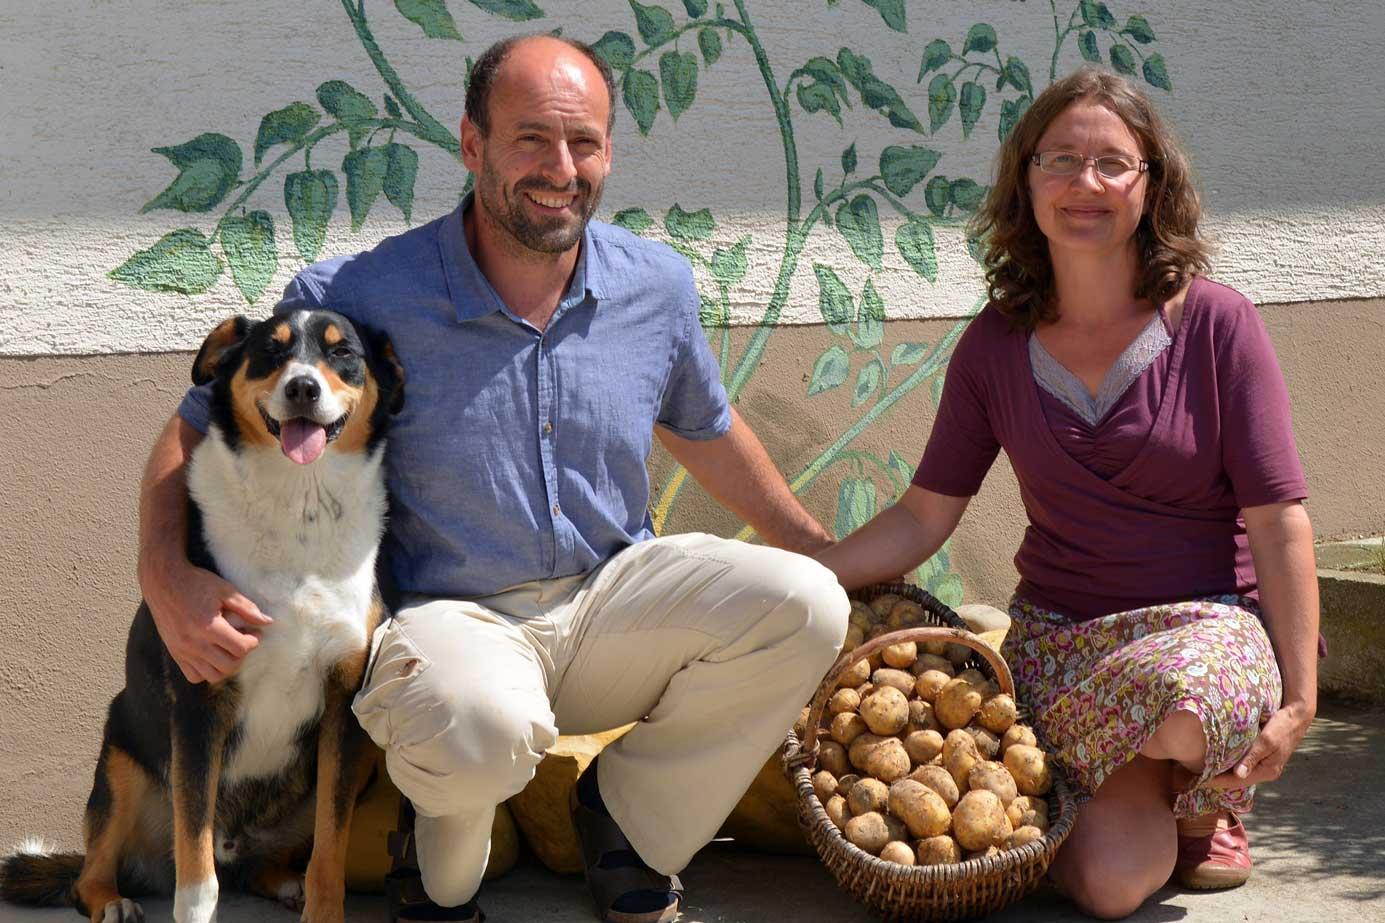 Hubert und Andrea Göhring freuen sich auf den Hoftag. Mit dabei ist auch Hund Max. Foto: Christoph Klawitter